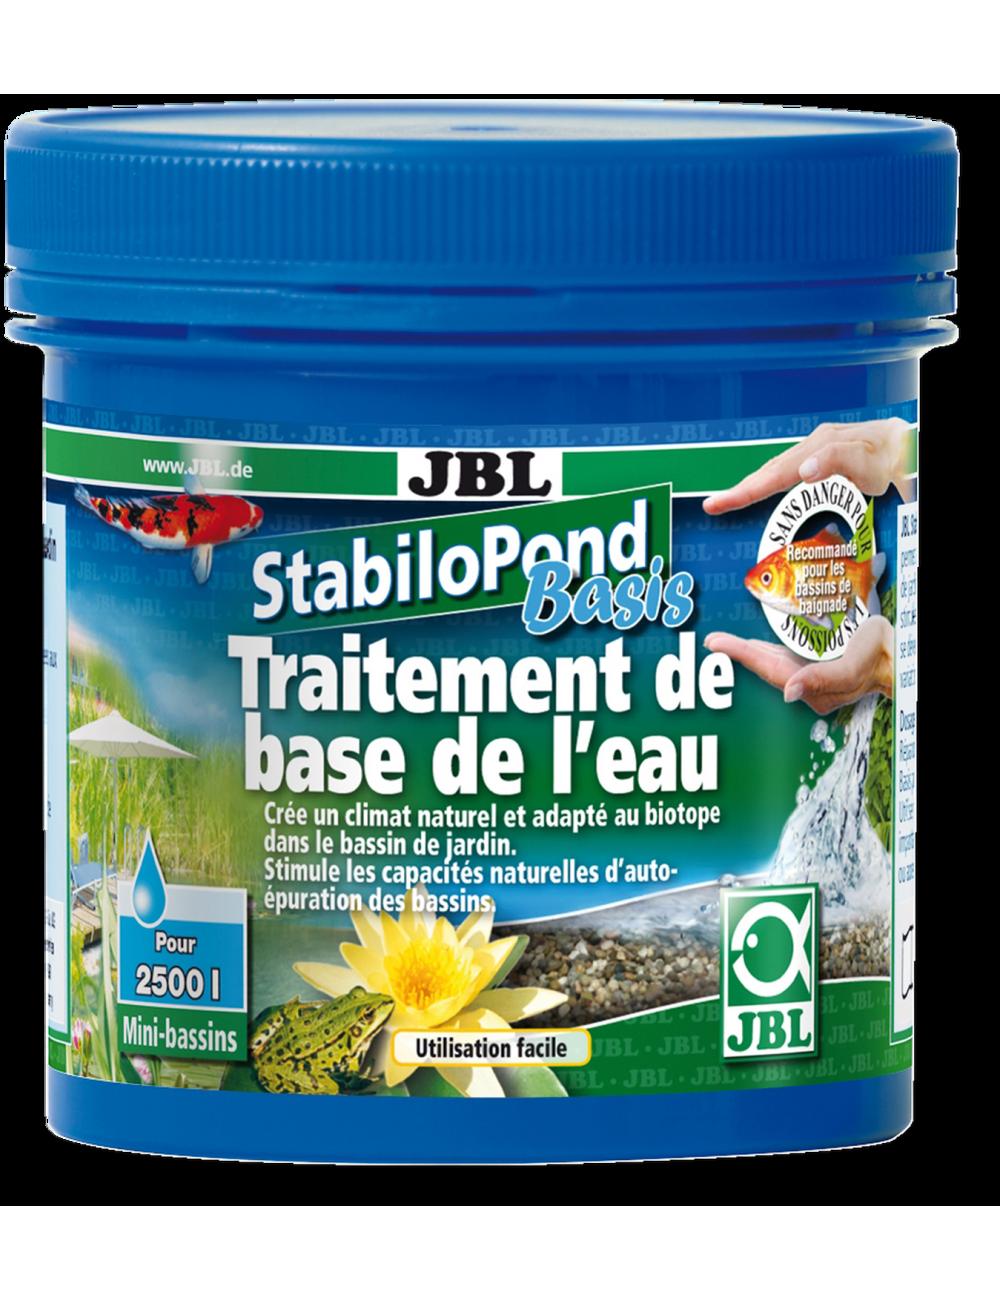 JBL - StabiloPond Basis - 1kg - Produit d'entretien de base pour tous les bassins de jardin